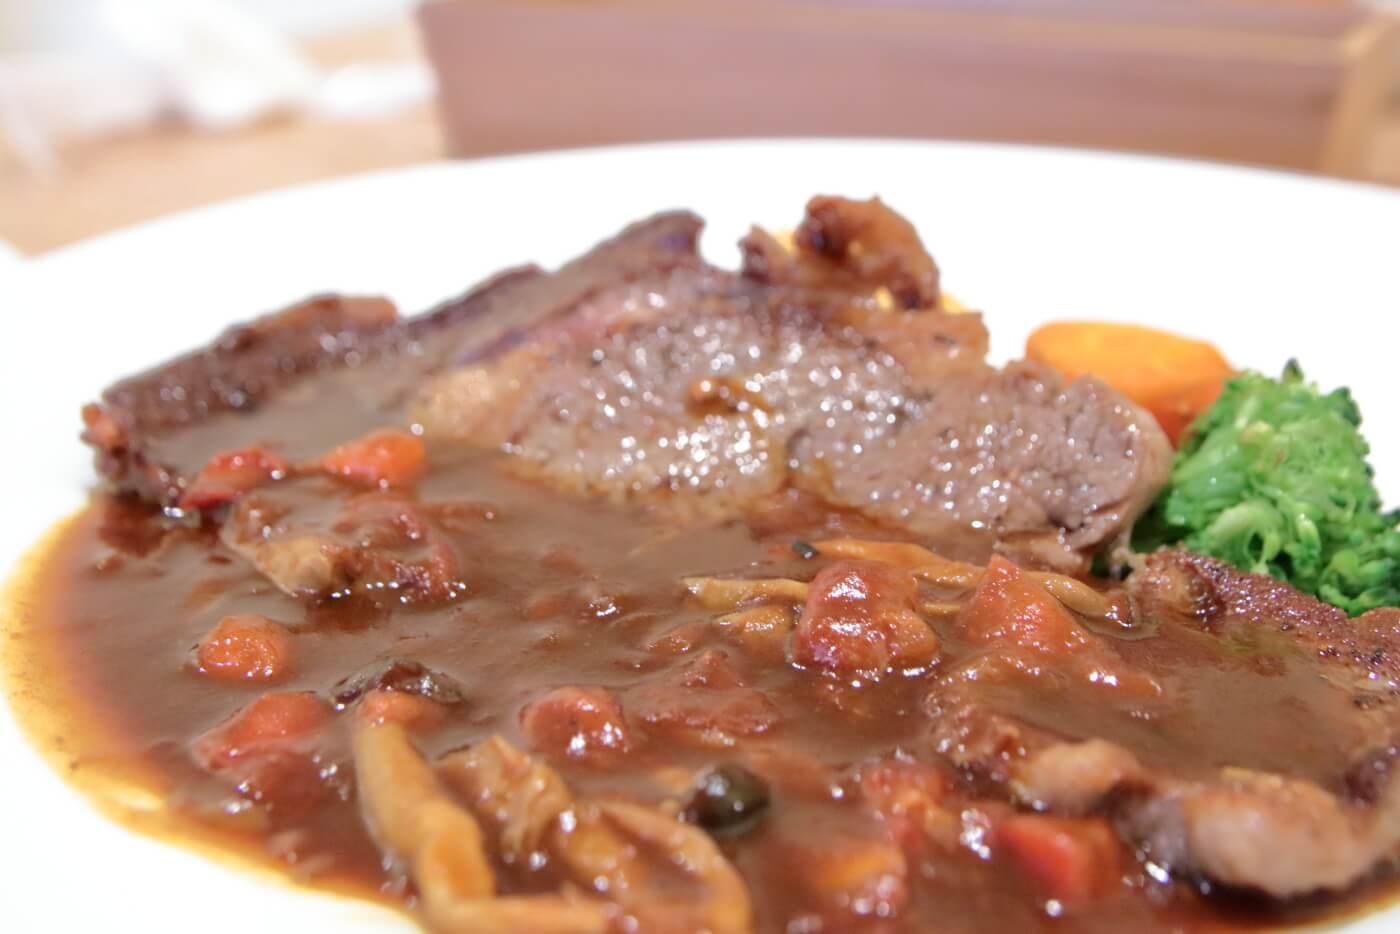 高知・南国市のレストランnoiのランチB リブロースステーキ